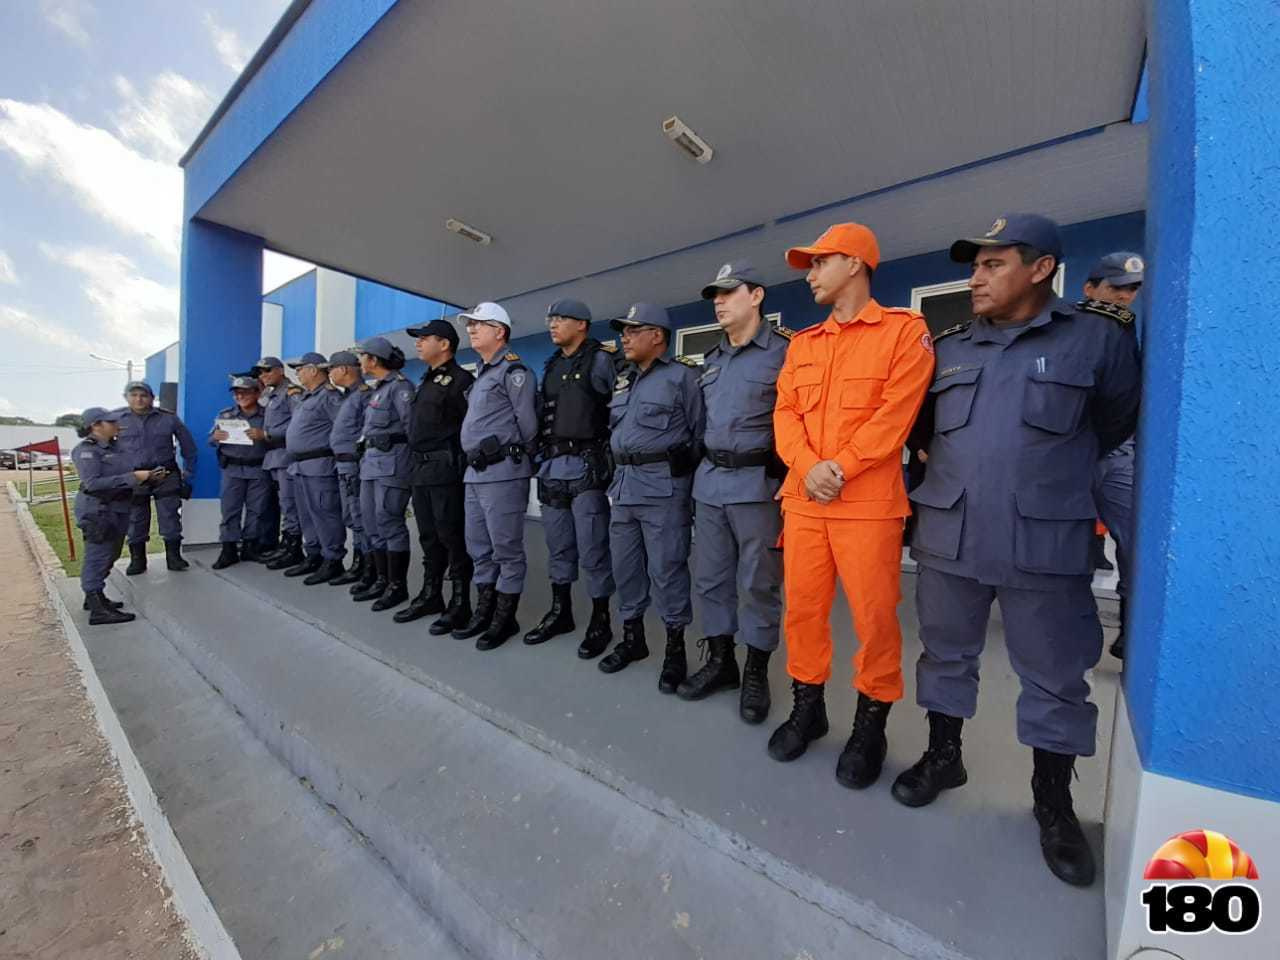 Oficiais e comandantes de diversos Batalhões, como do BOPE